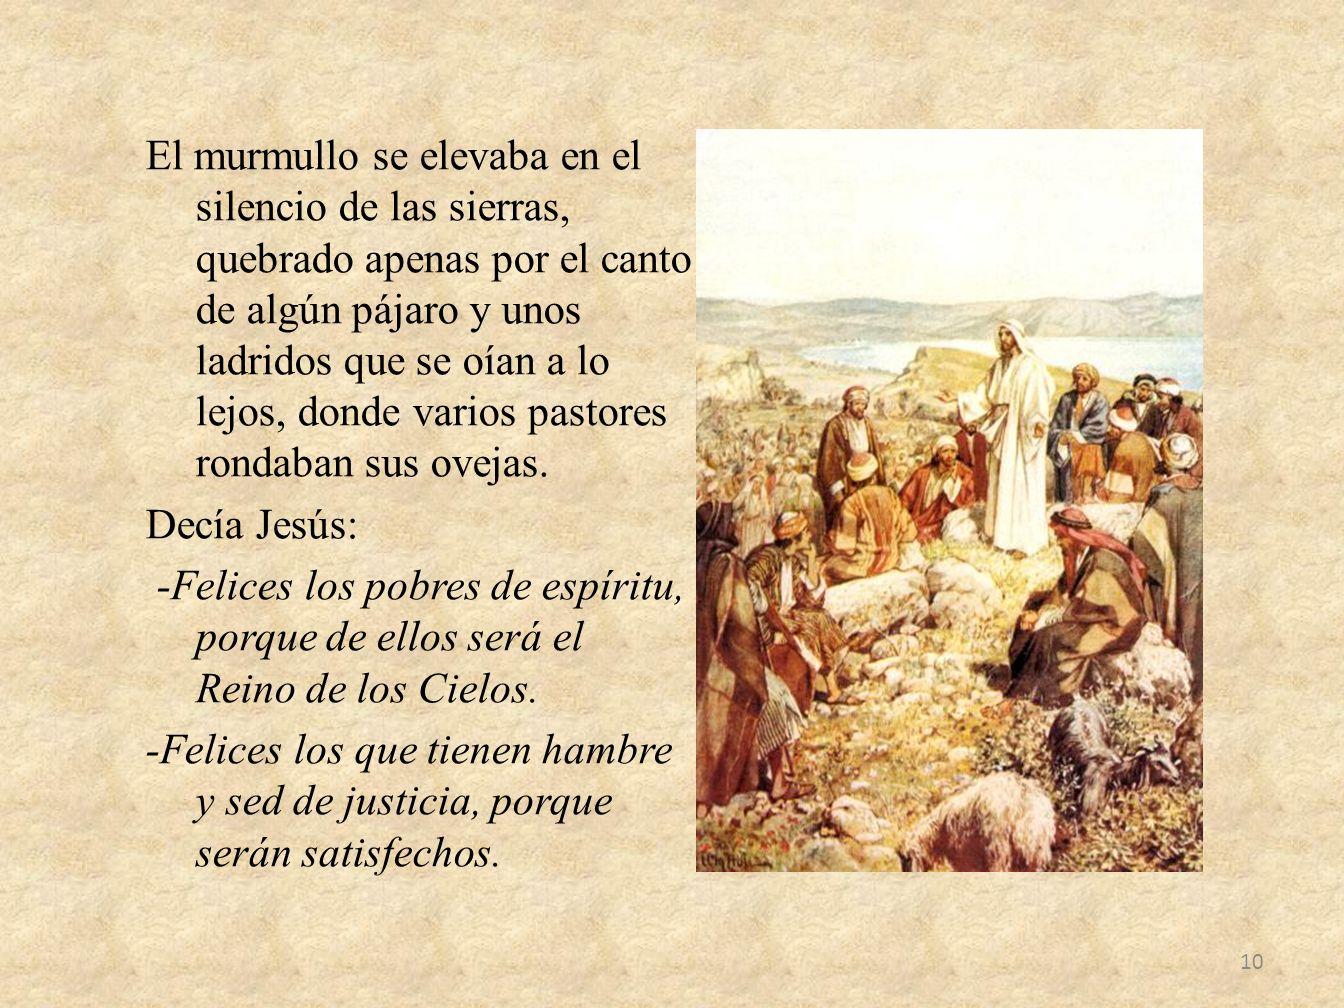 El murmullo se elevaba en el silencio de las sierras, quebrado apenas por el canto de algún pájaro y unos ladridos que se oían a lo lejos, donde varios pastores rondaban sus ovejas.